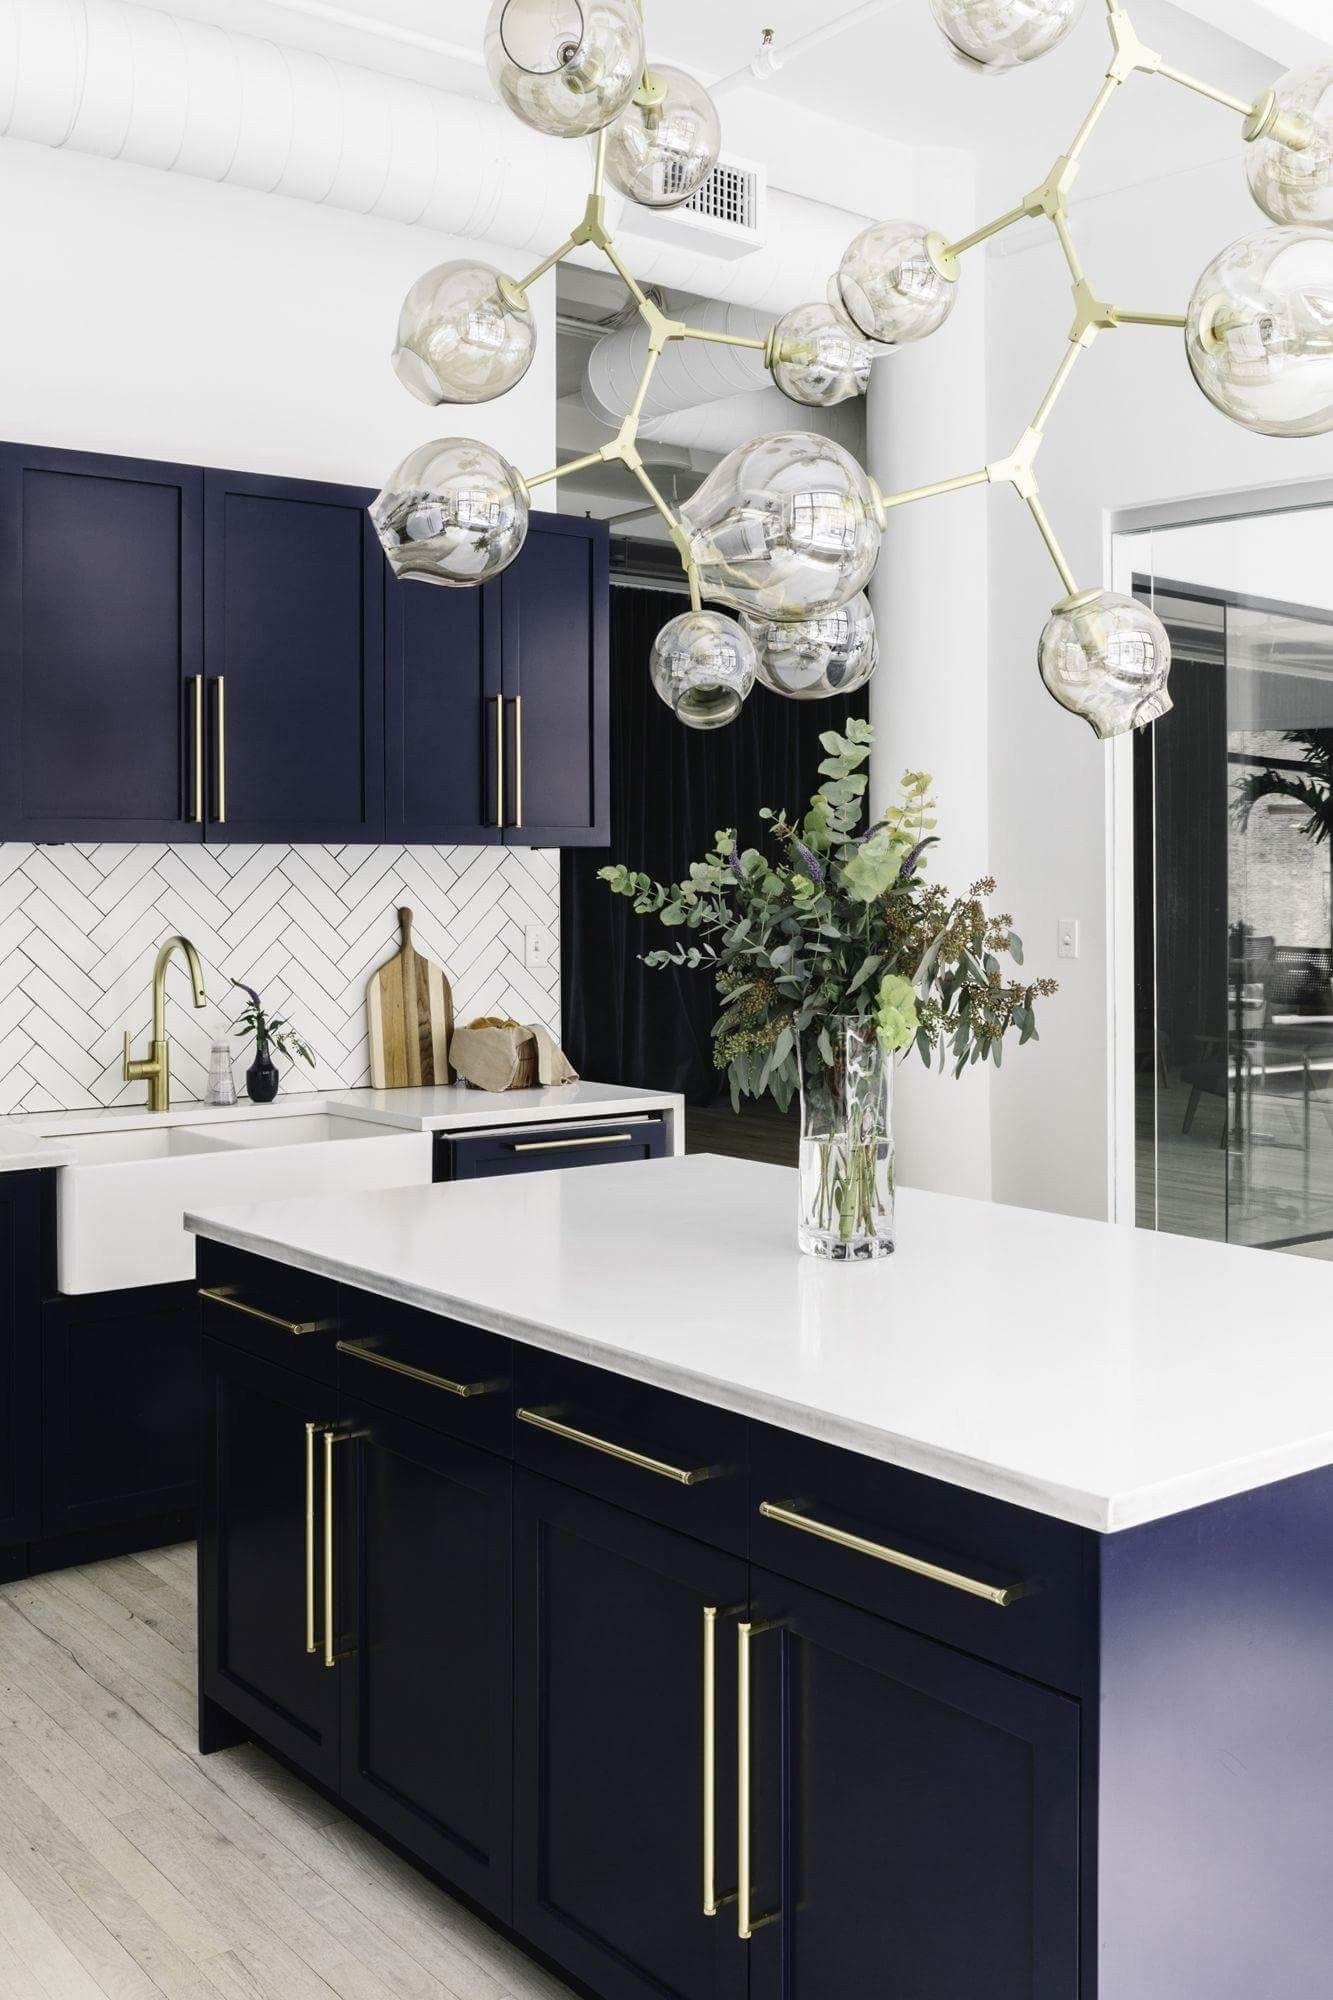 Whole Kitchen Cabinets Best Kitchen Gallery | Rachelxblog kitchen ...